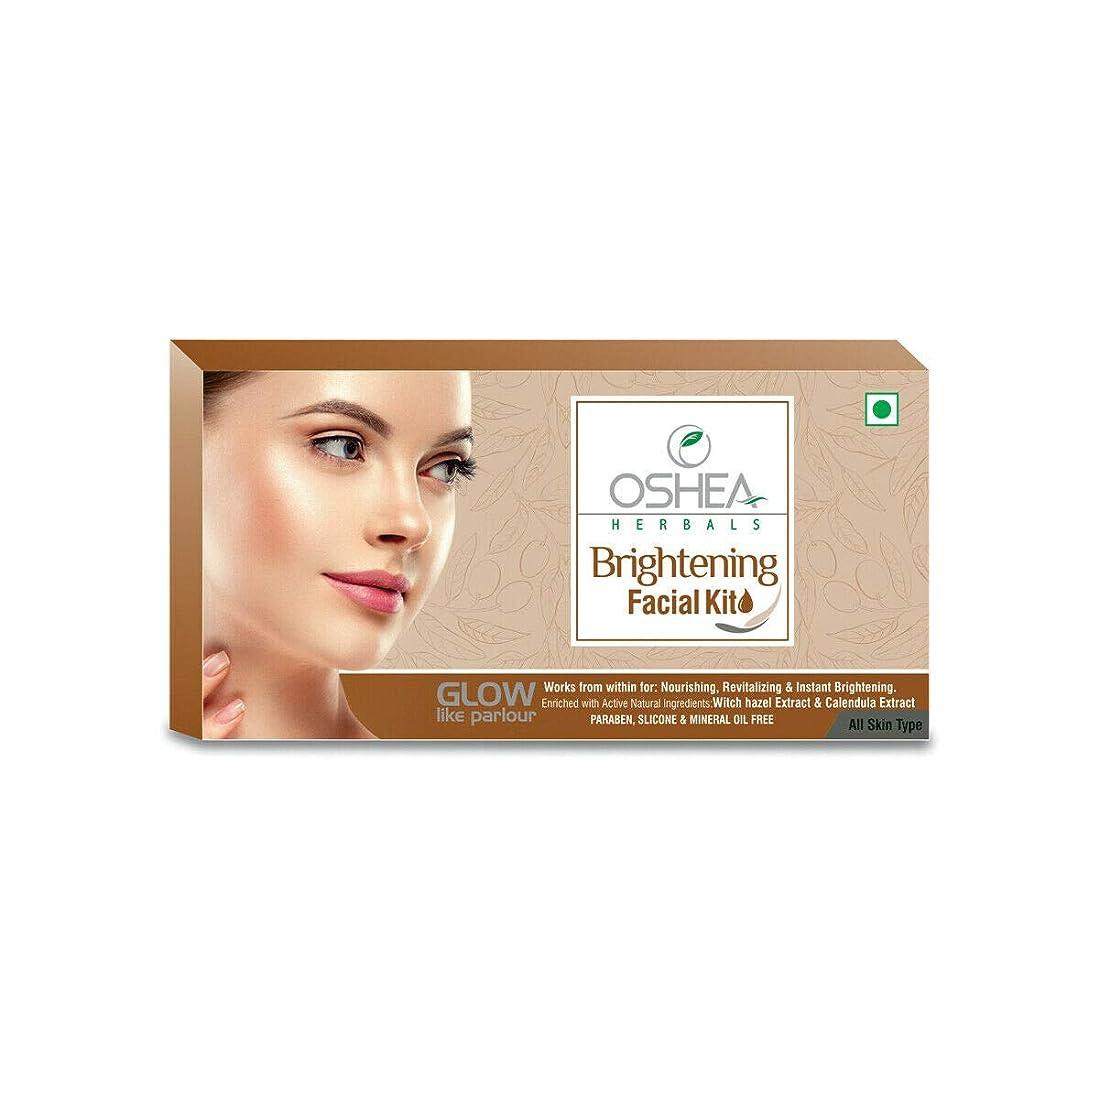 クリープ等しい謙虚Oshea Herbals Brightening Facial Kit 55g cleanses the skin Provides nourishment Oshea Herbals 明るくする フェイシャルキットが肌を清潔にし、栄養を与えます